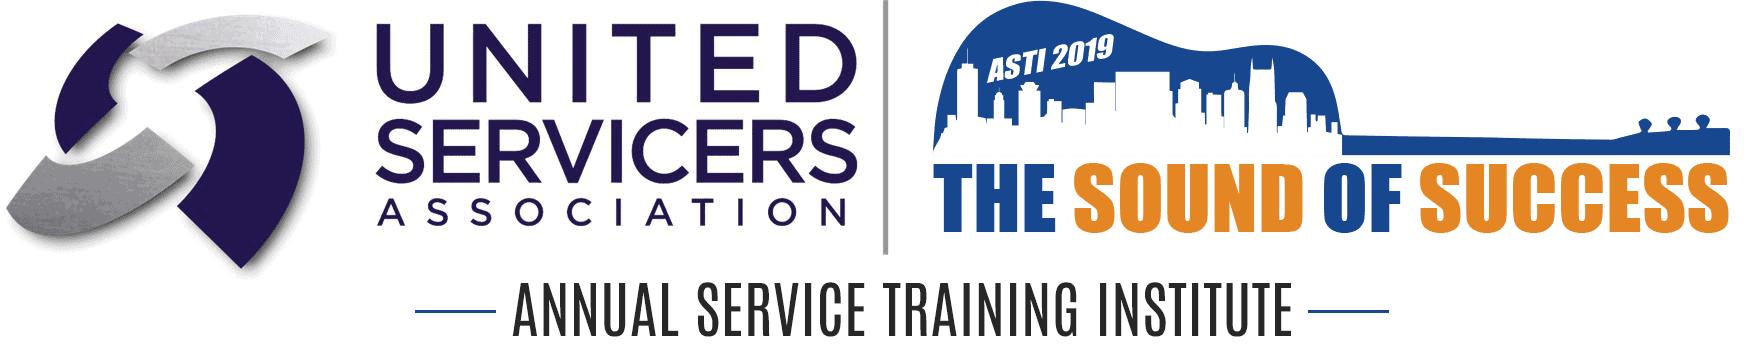 Annual Service Training Institute